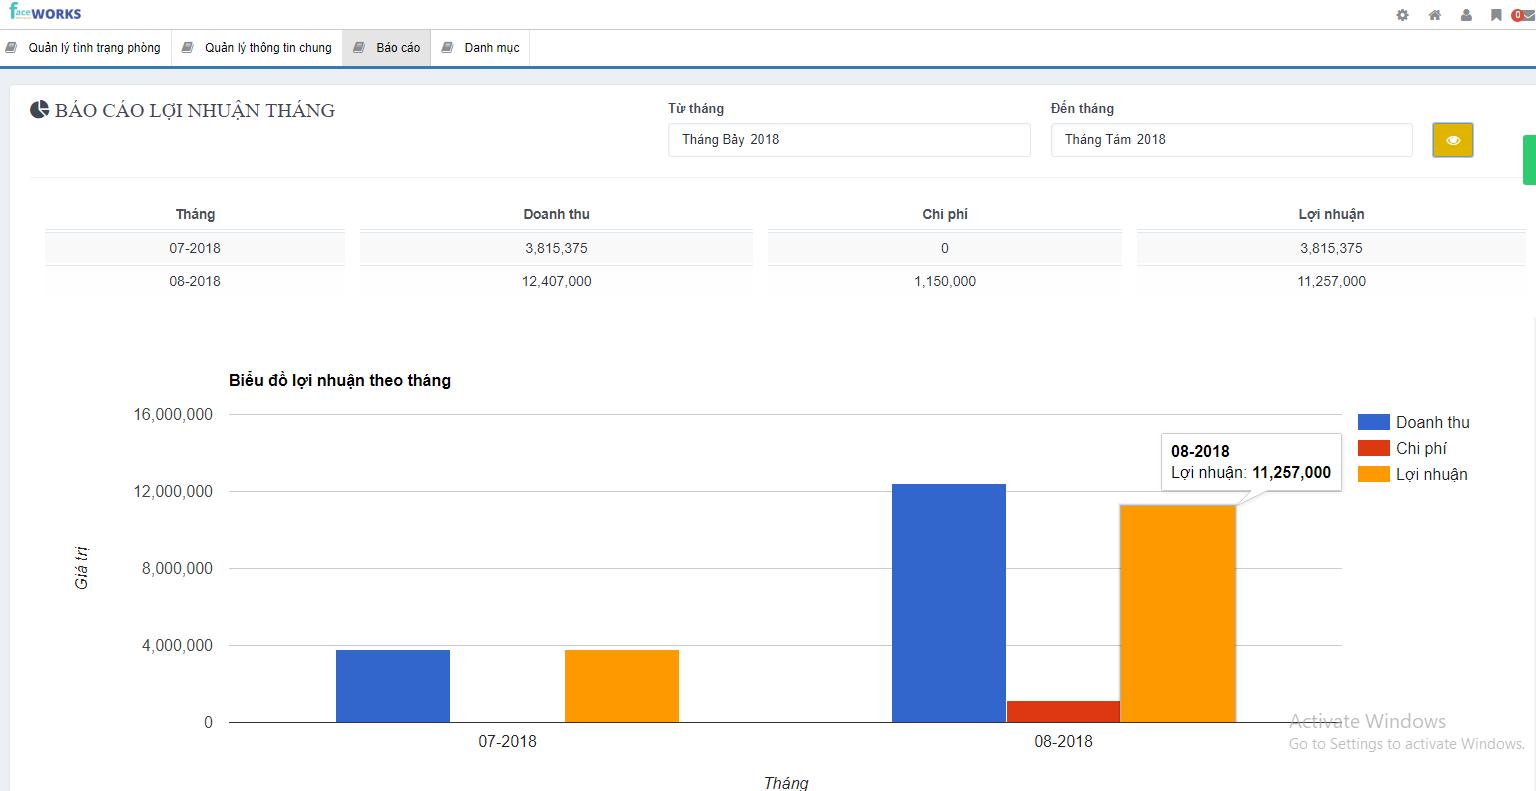 6 - 6 báo cáo lợi nhuận tháng